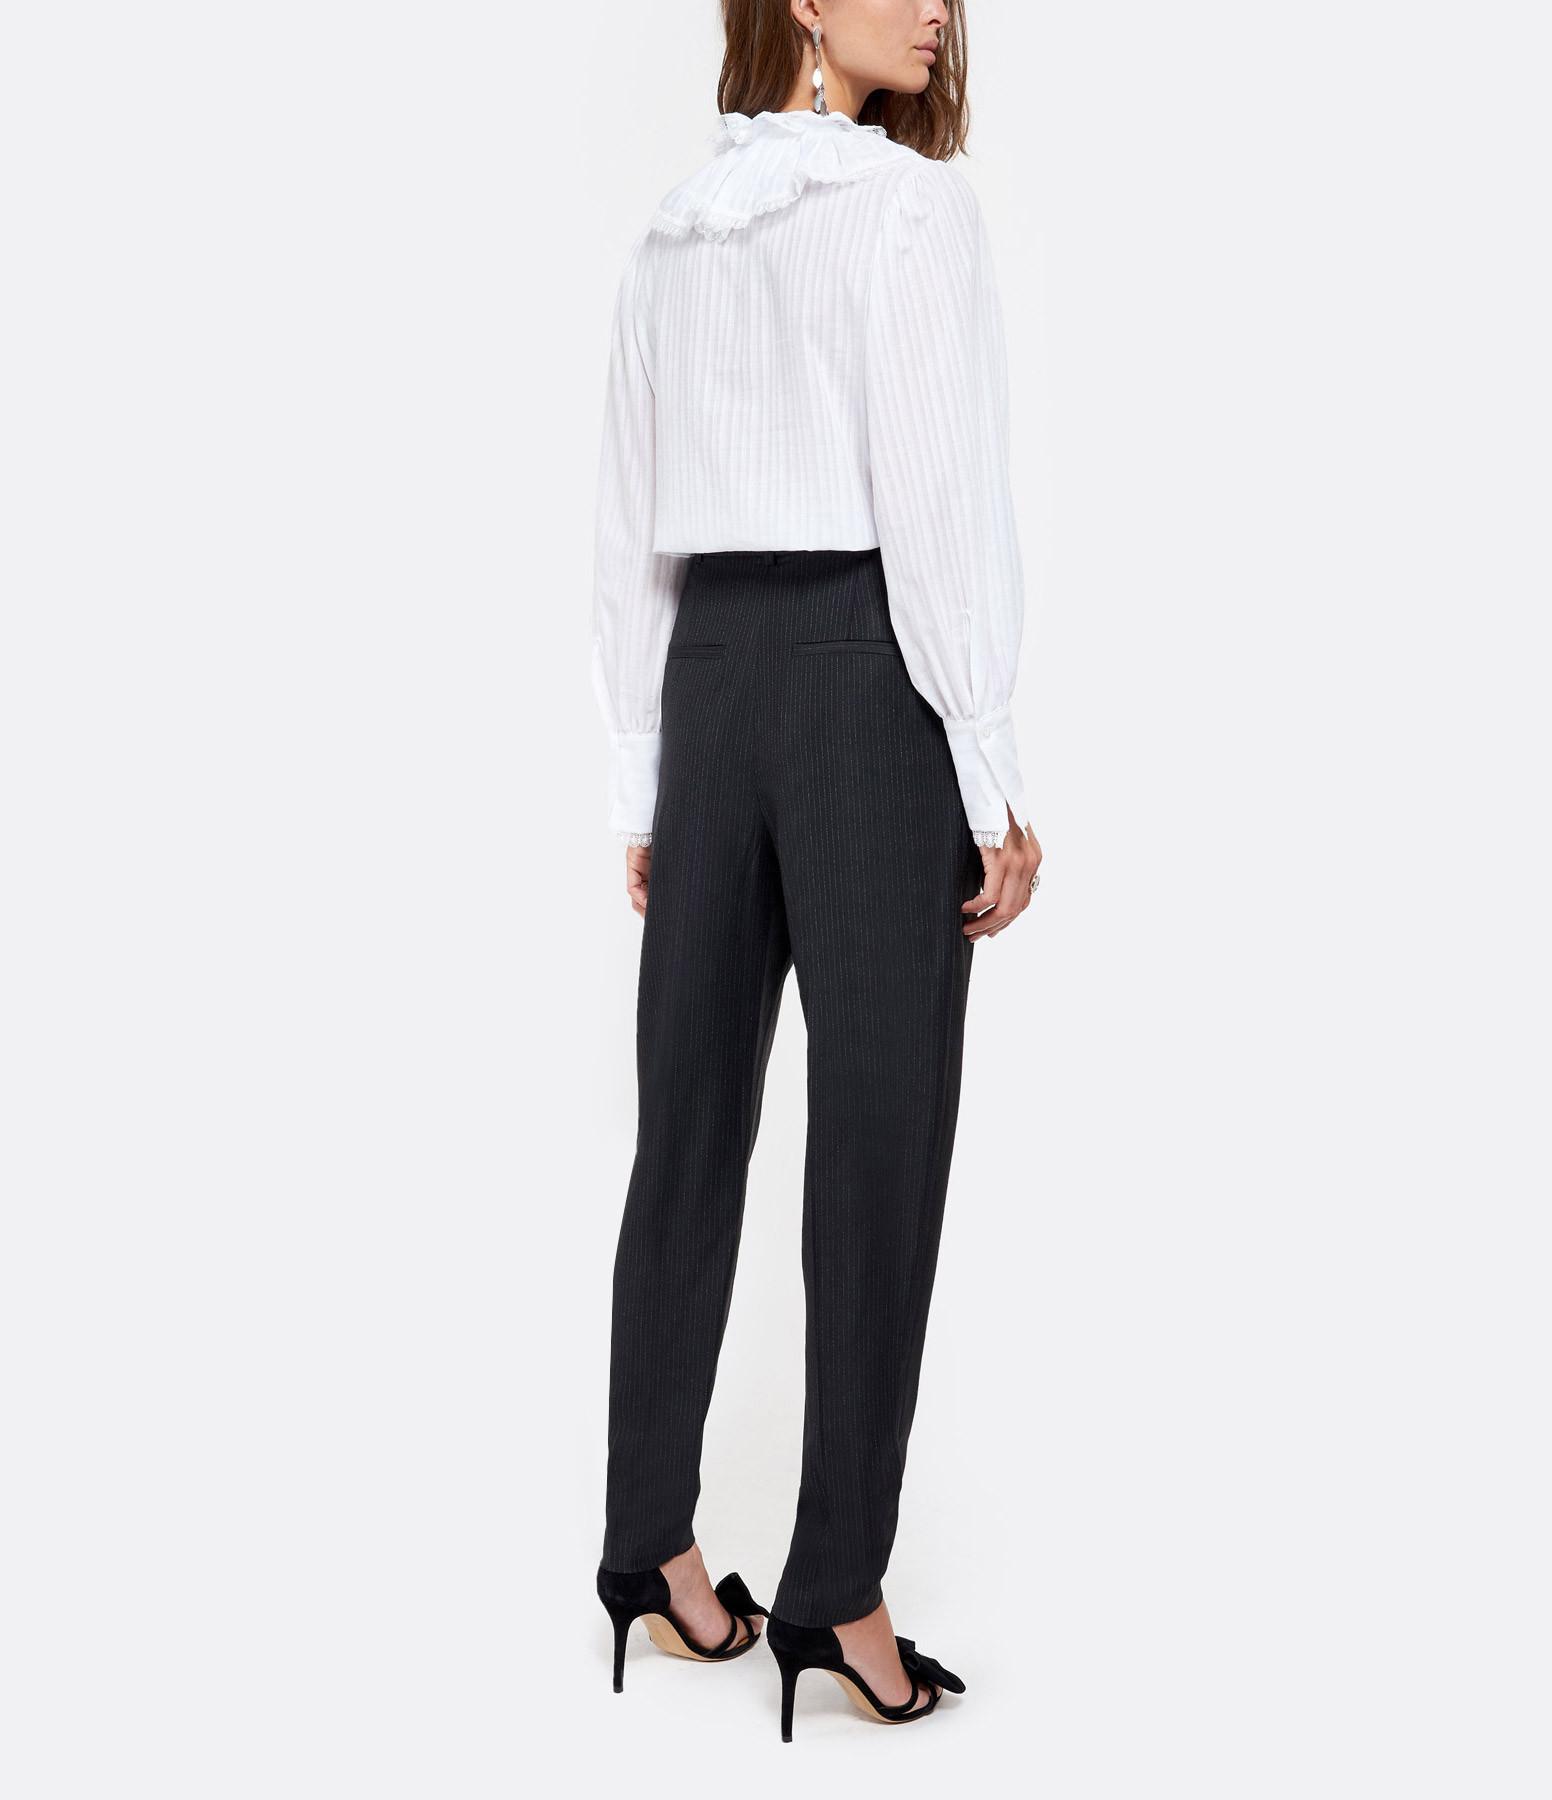 IRO - Pantalon Cairn Coton Noir